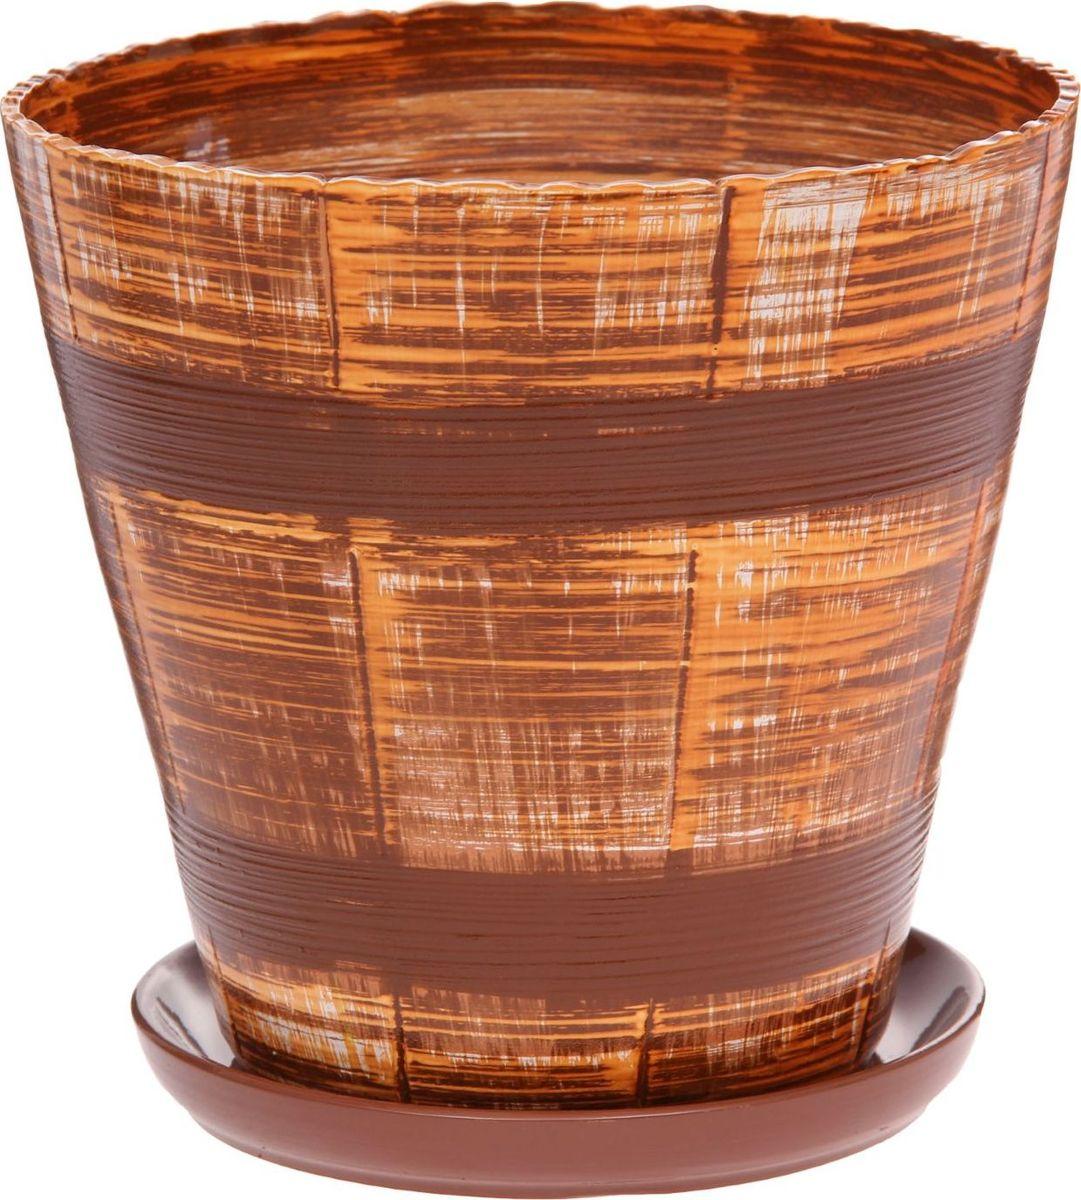 Кашпо Мари. Полосы, цвет: коричневый, 6,9 л1147364Комнатные растения — всеобщие любимцы. Они радуют глаз, насыщают помещение кислородом и украшают пространство. Каждому из них необходим свой удобный и красивый дом. Кашпо из керамики прекрасно подходят для высадки растений: за счёт пластичности глины и разных способов обработки существует великое множество форм и дизайновпористый материал позволяет испаряться лишней влагевоздух, необходимый для дыхания корней, проникает сквозь керамические стенки! #name# позаботится о зелёном питомце, освежит интерьер и подчеркнёт его стиль.